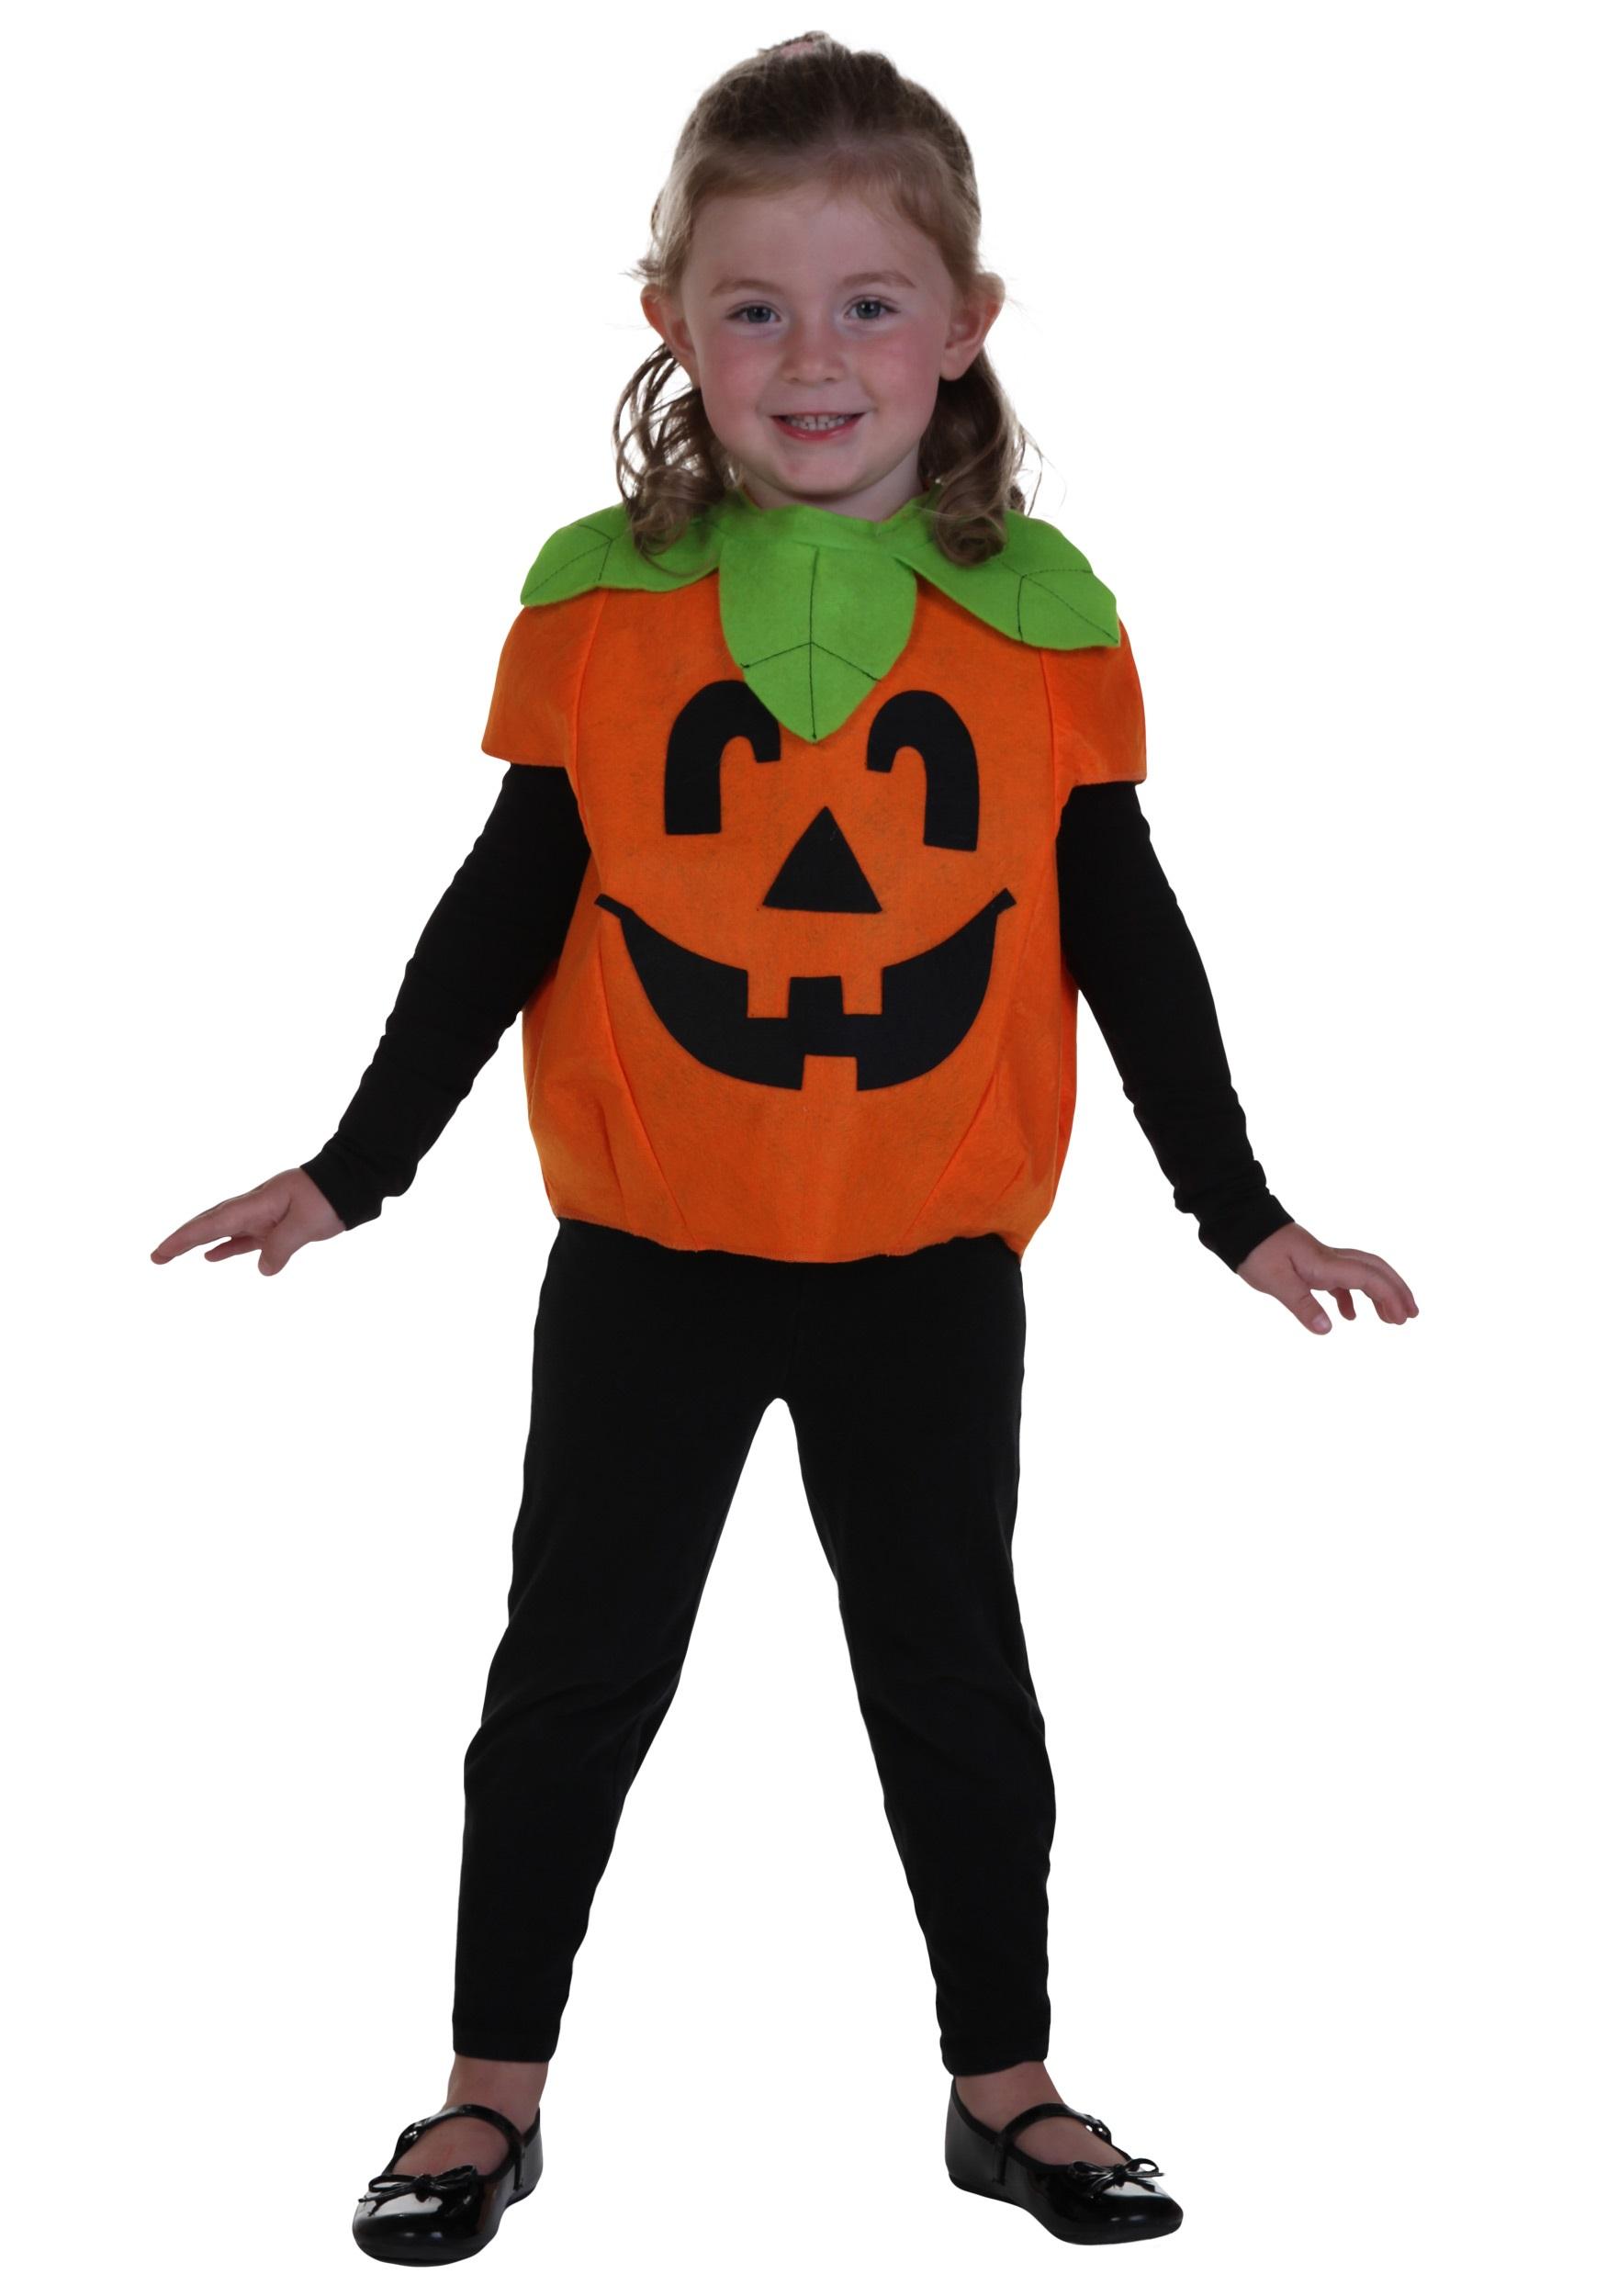 Toddler Little Pumpkin Costume  sc 1 st  Halloween Costumes & Toddler Little Pumpkin Costume - Halloween Costumes